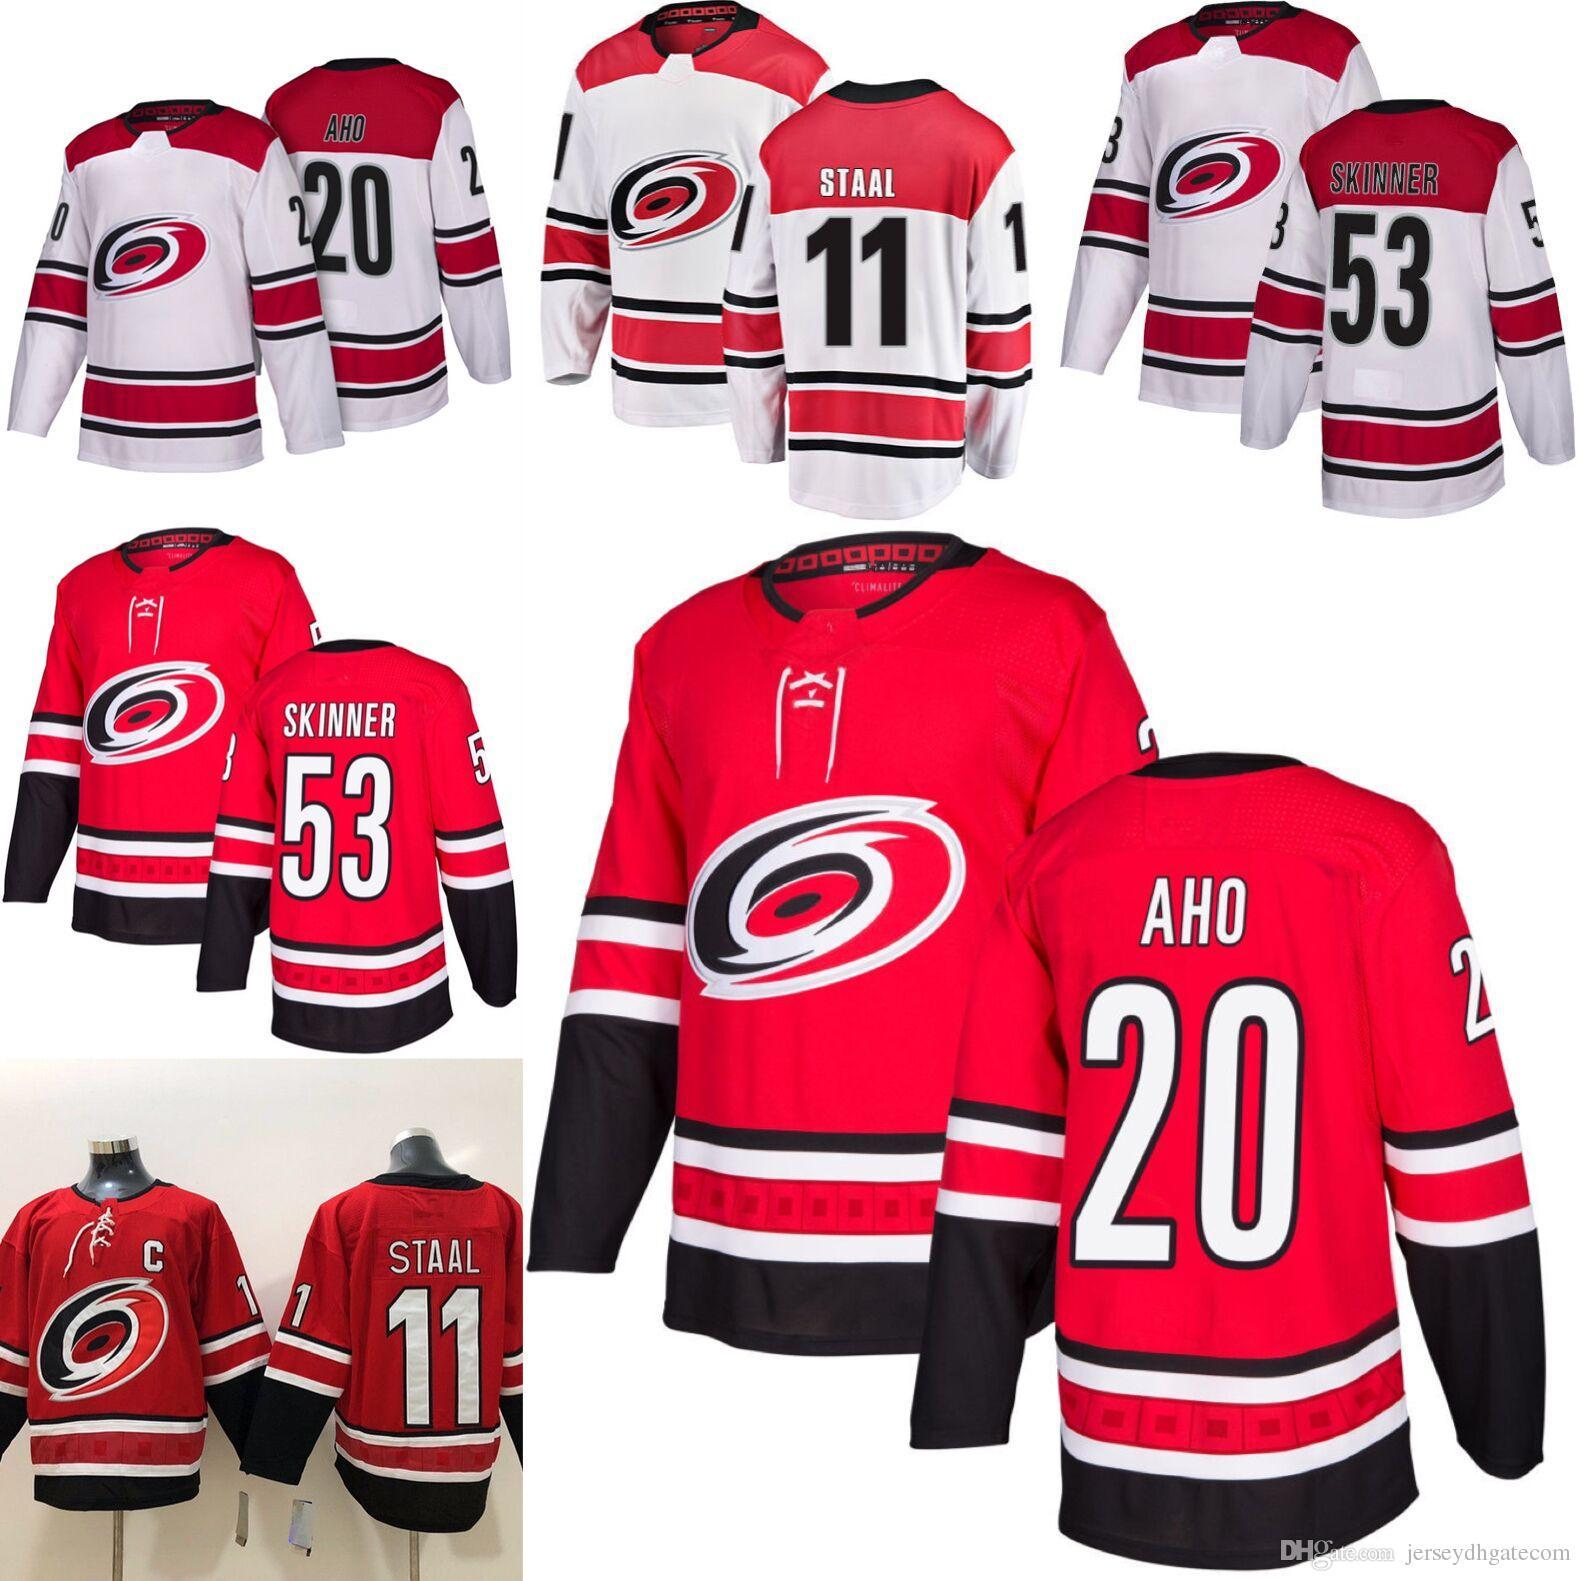 e3bd18054 2019 2018 2019 Season Carolina Hurricanes 20 Sebastian Aho 53 Jeff Skinner  11 Staal Hockey Jerseys Men All Stitched Jerseys From Jerseydhgatecom